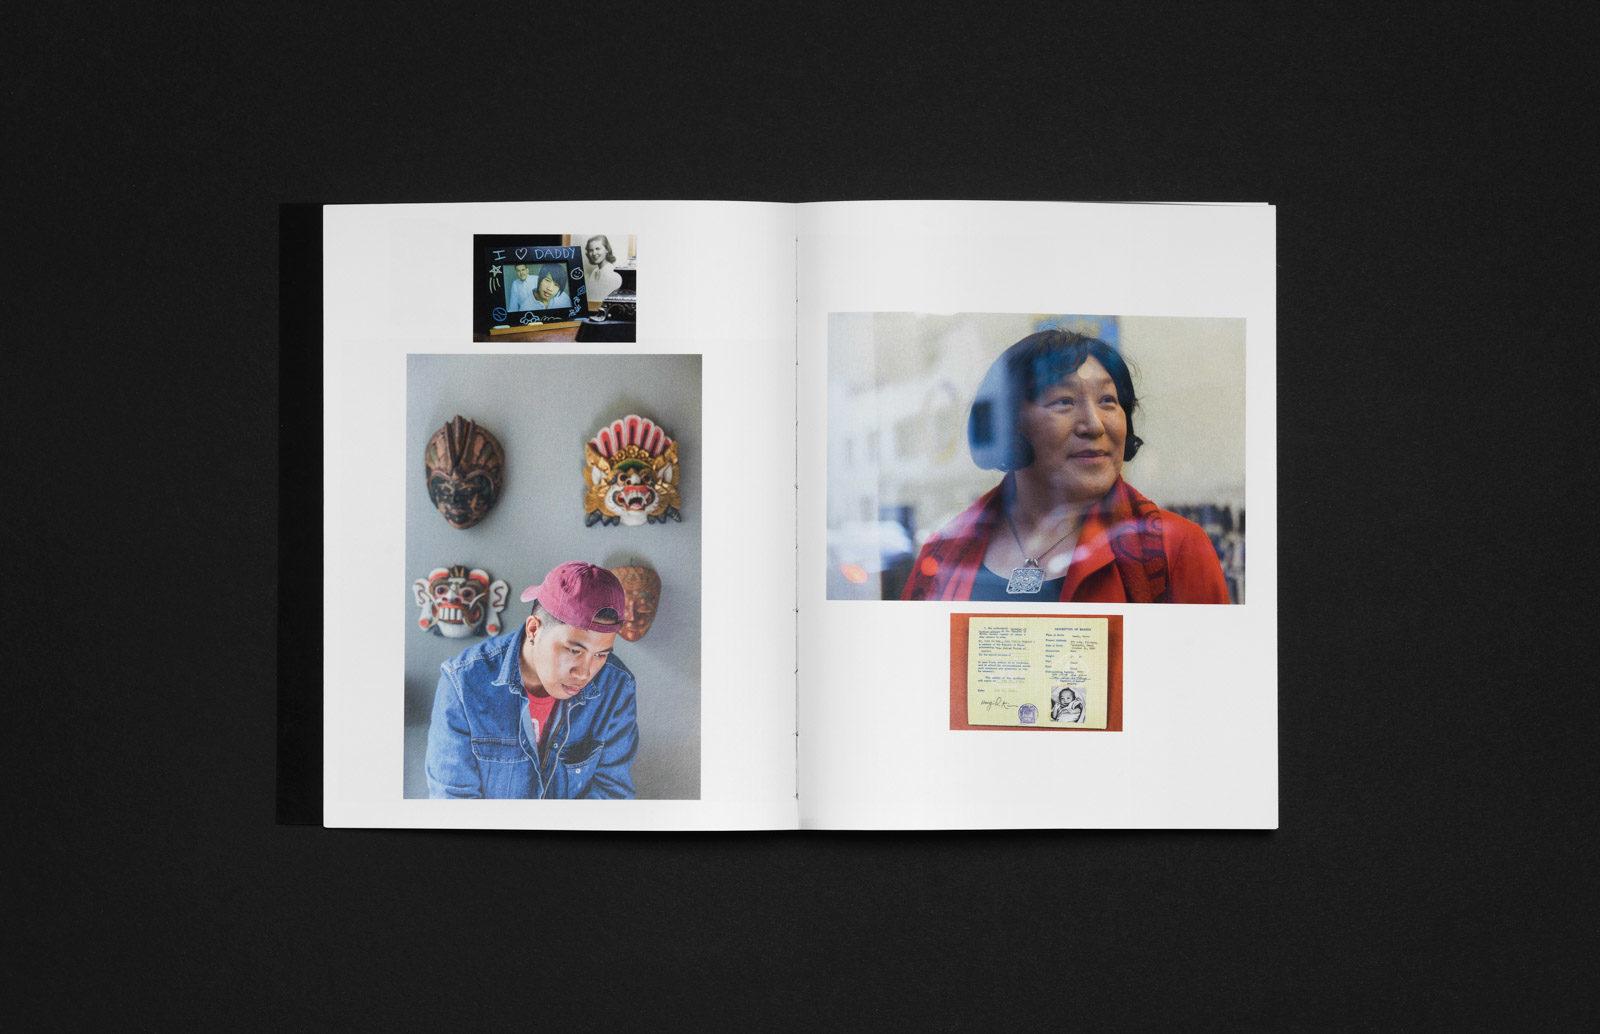 Editienne Grafikdesign - Kommunikationsdesign Berlin- Buchgestaltung und Coverdesign Fotobuch Out of Place 7